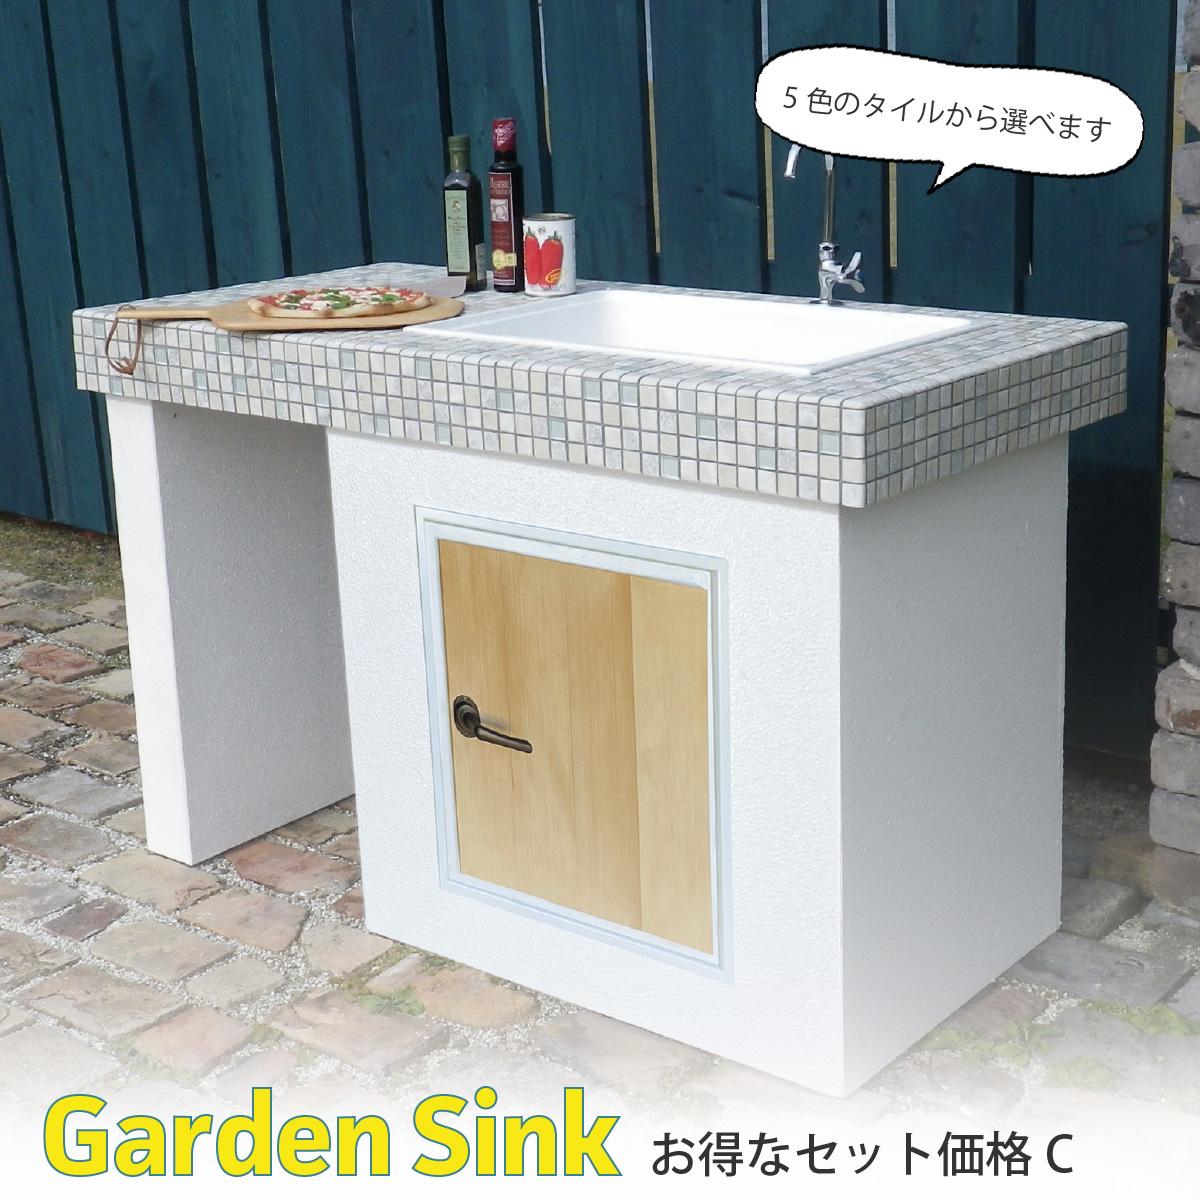 ガーデンシンクお得なセット価格C